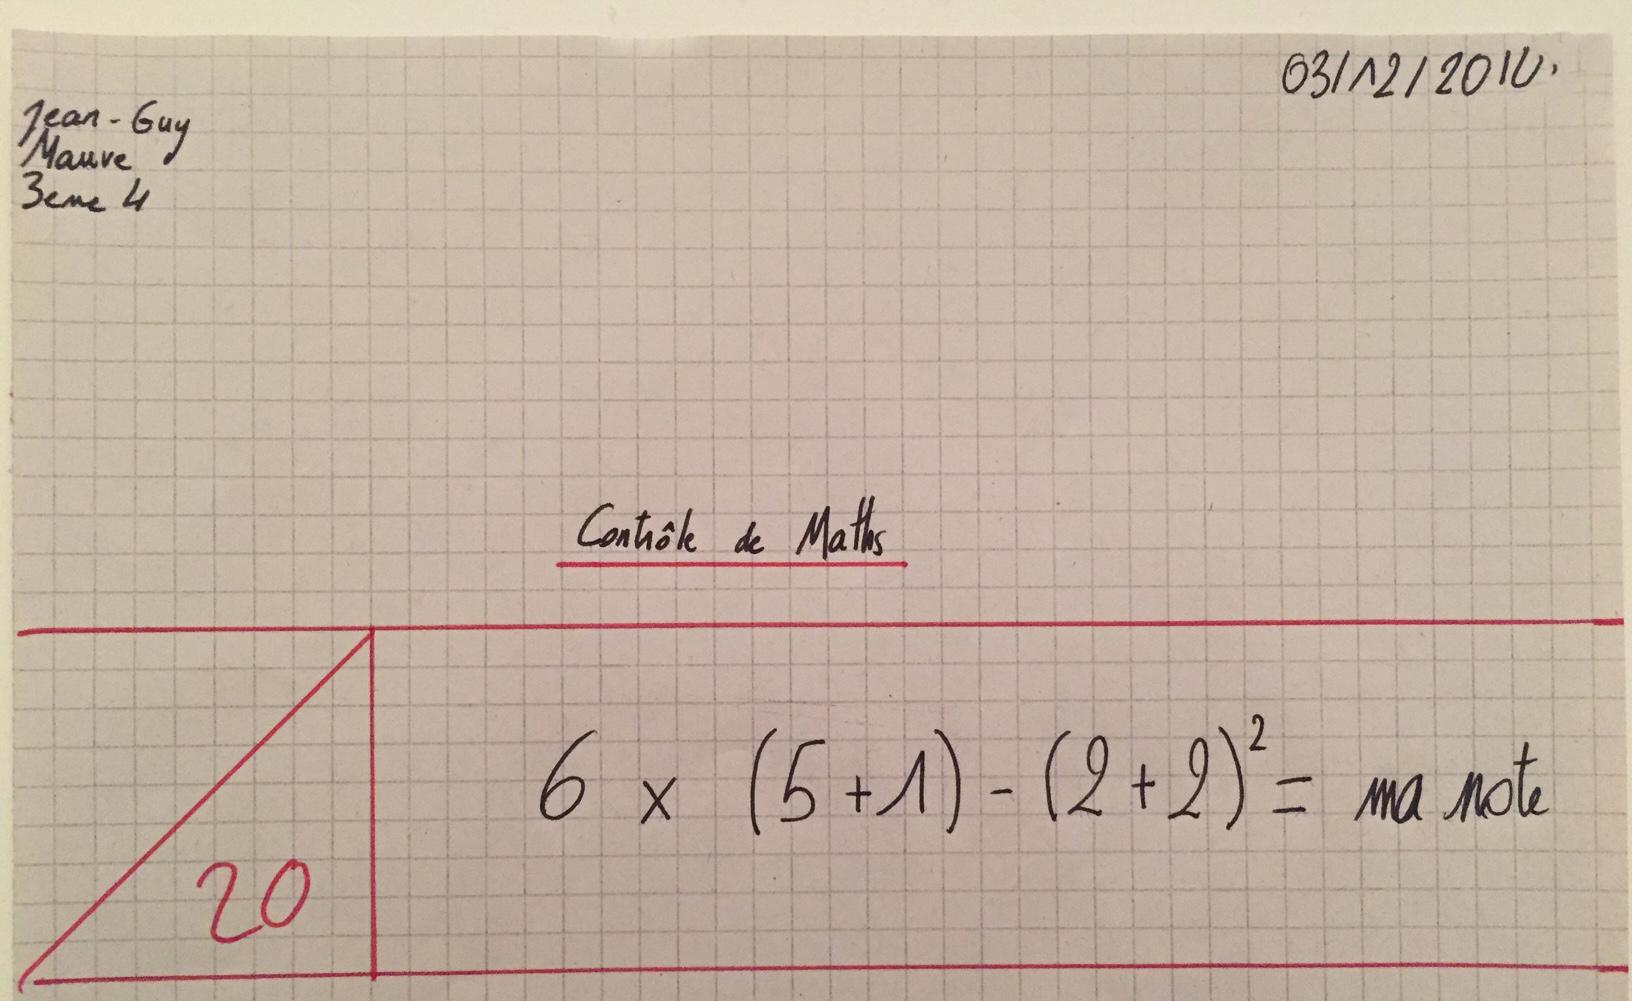 calcul de note et mathématique